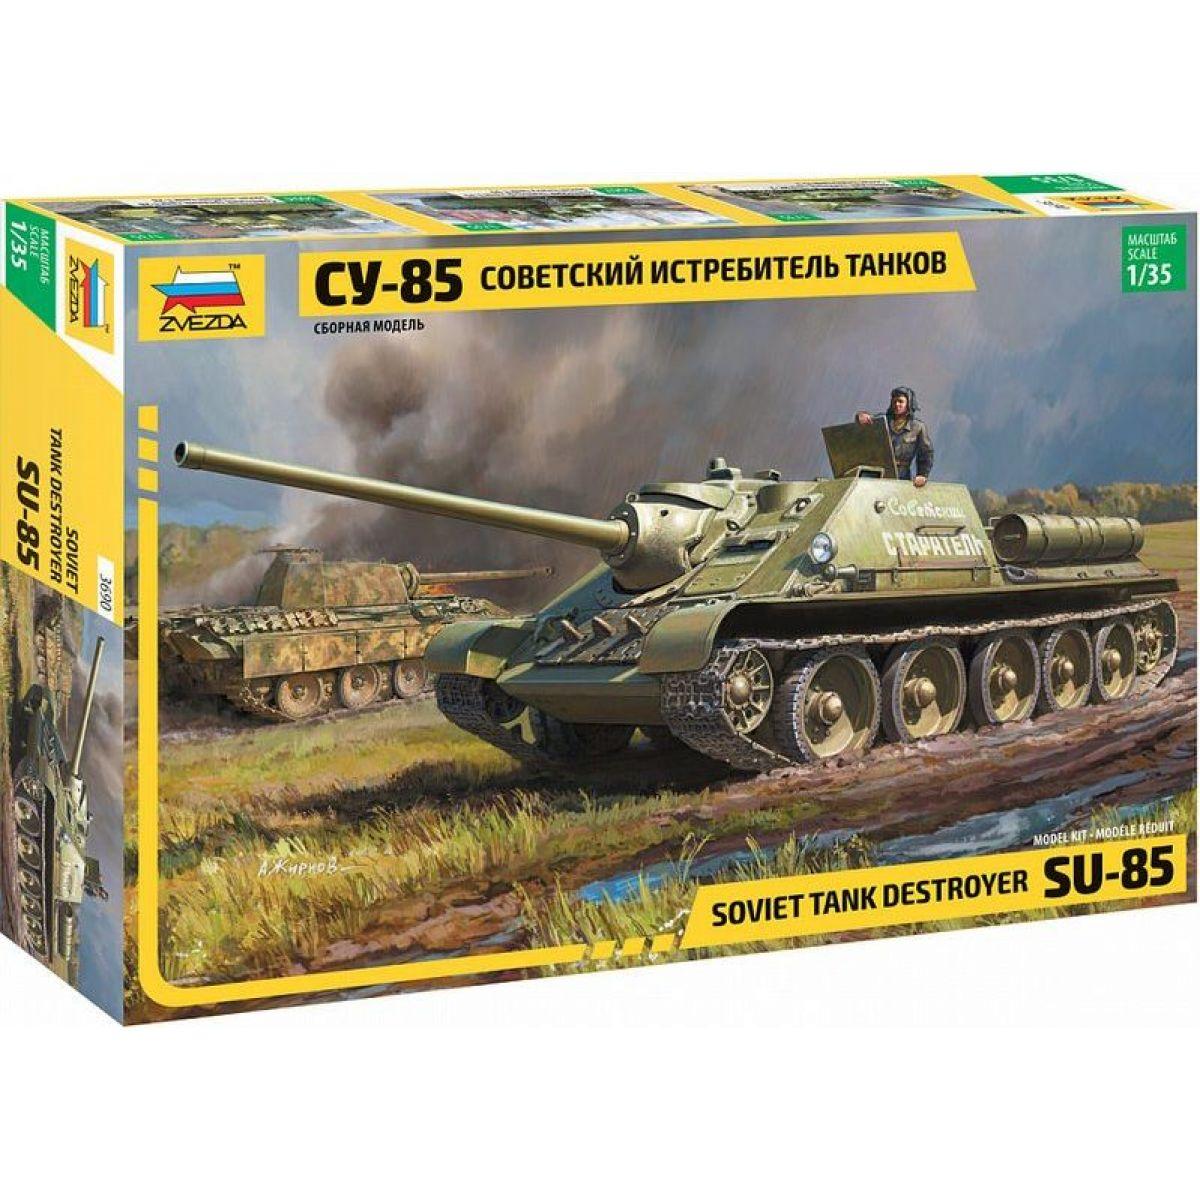 Zvezda Model Kit military SU-85 Soviet Tank Destroyer 1:35